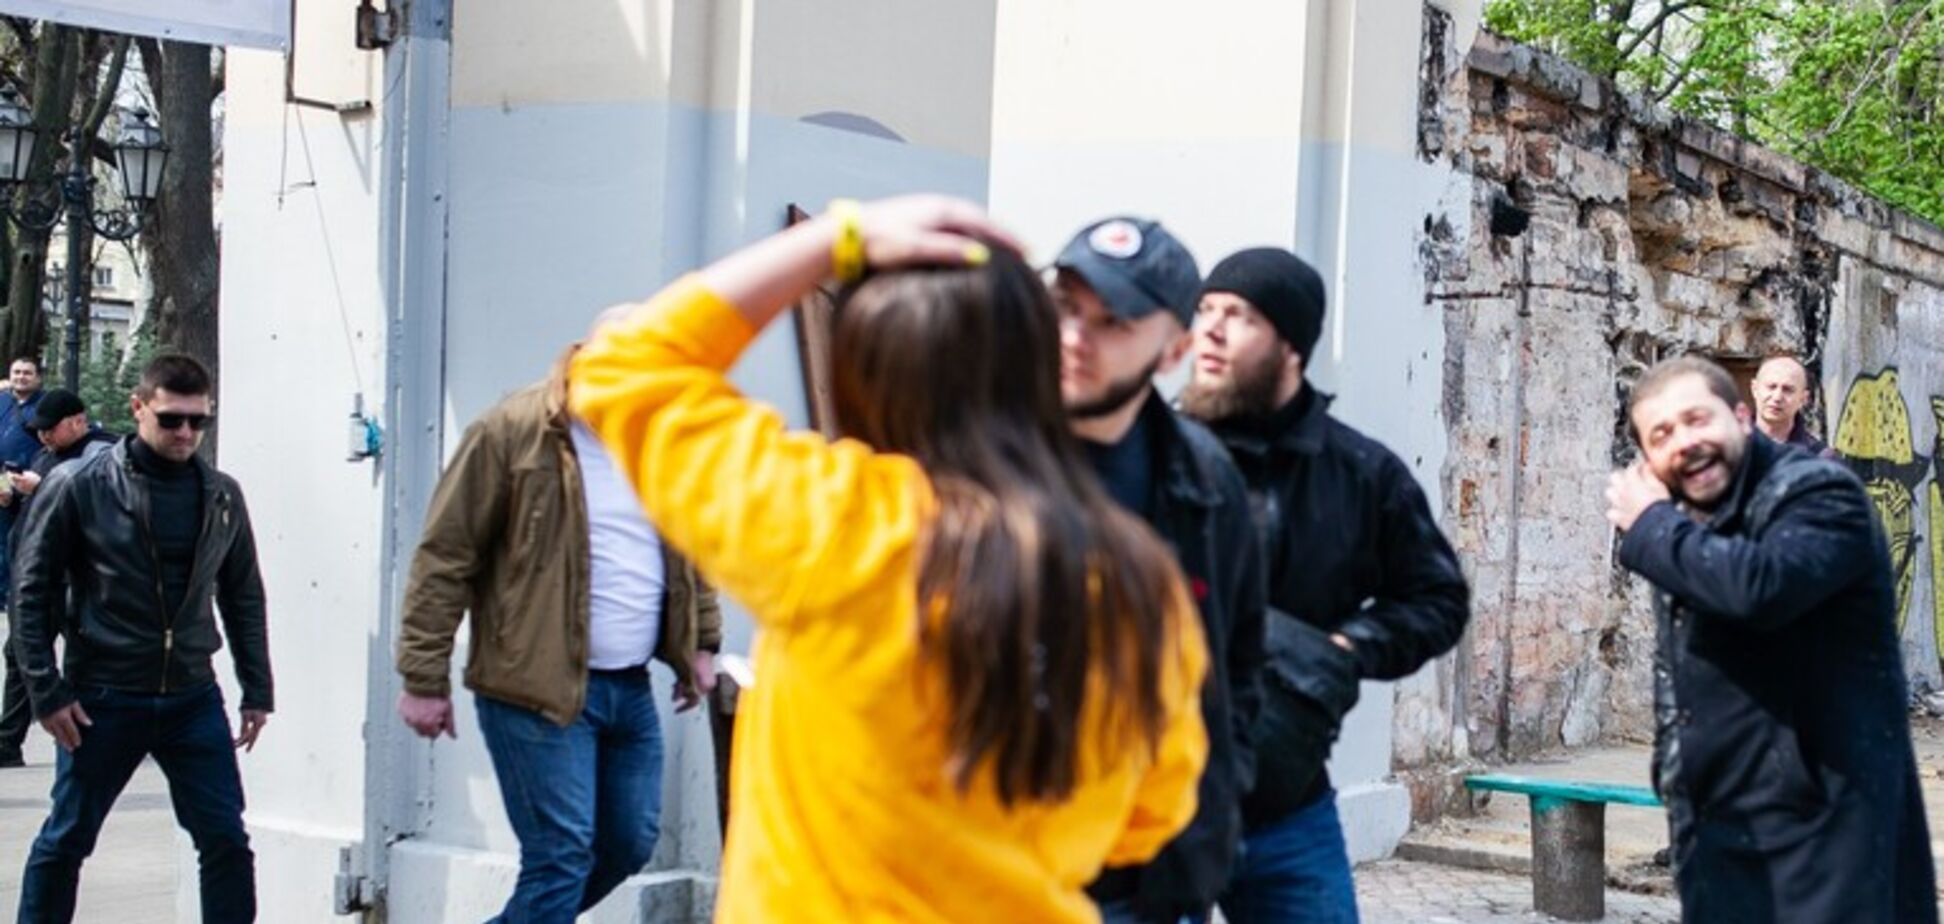 Известного нардепа облили фекалиями в Одессе: фото, видео